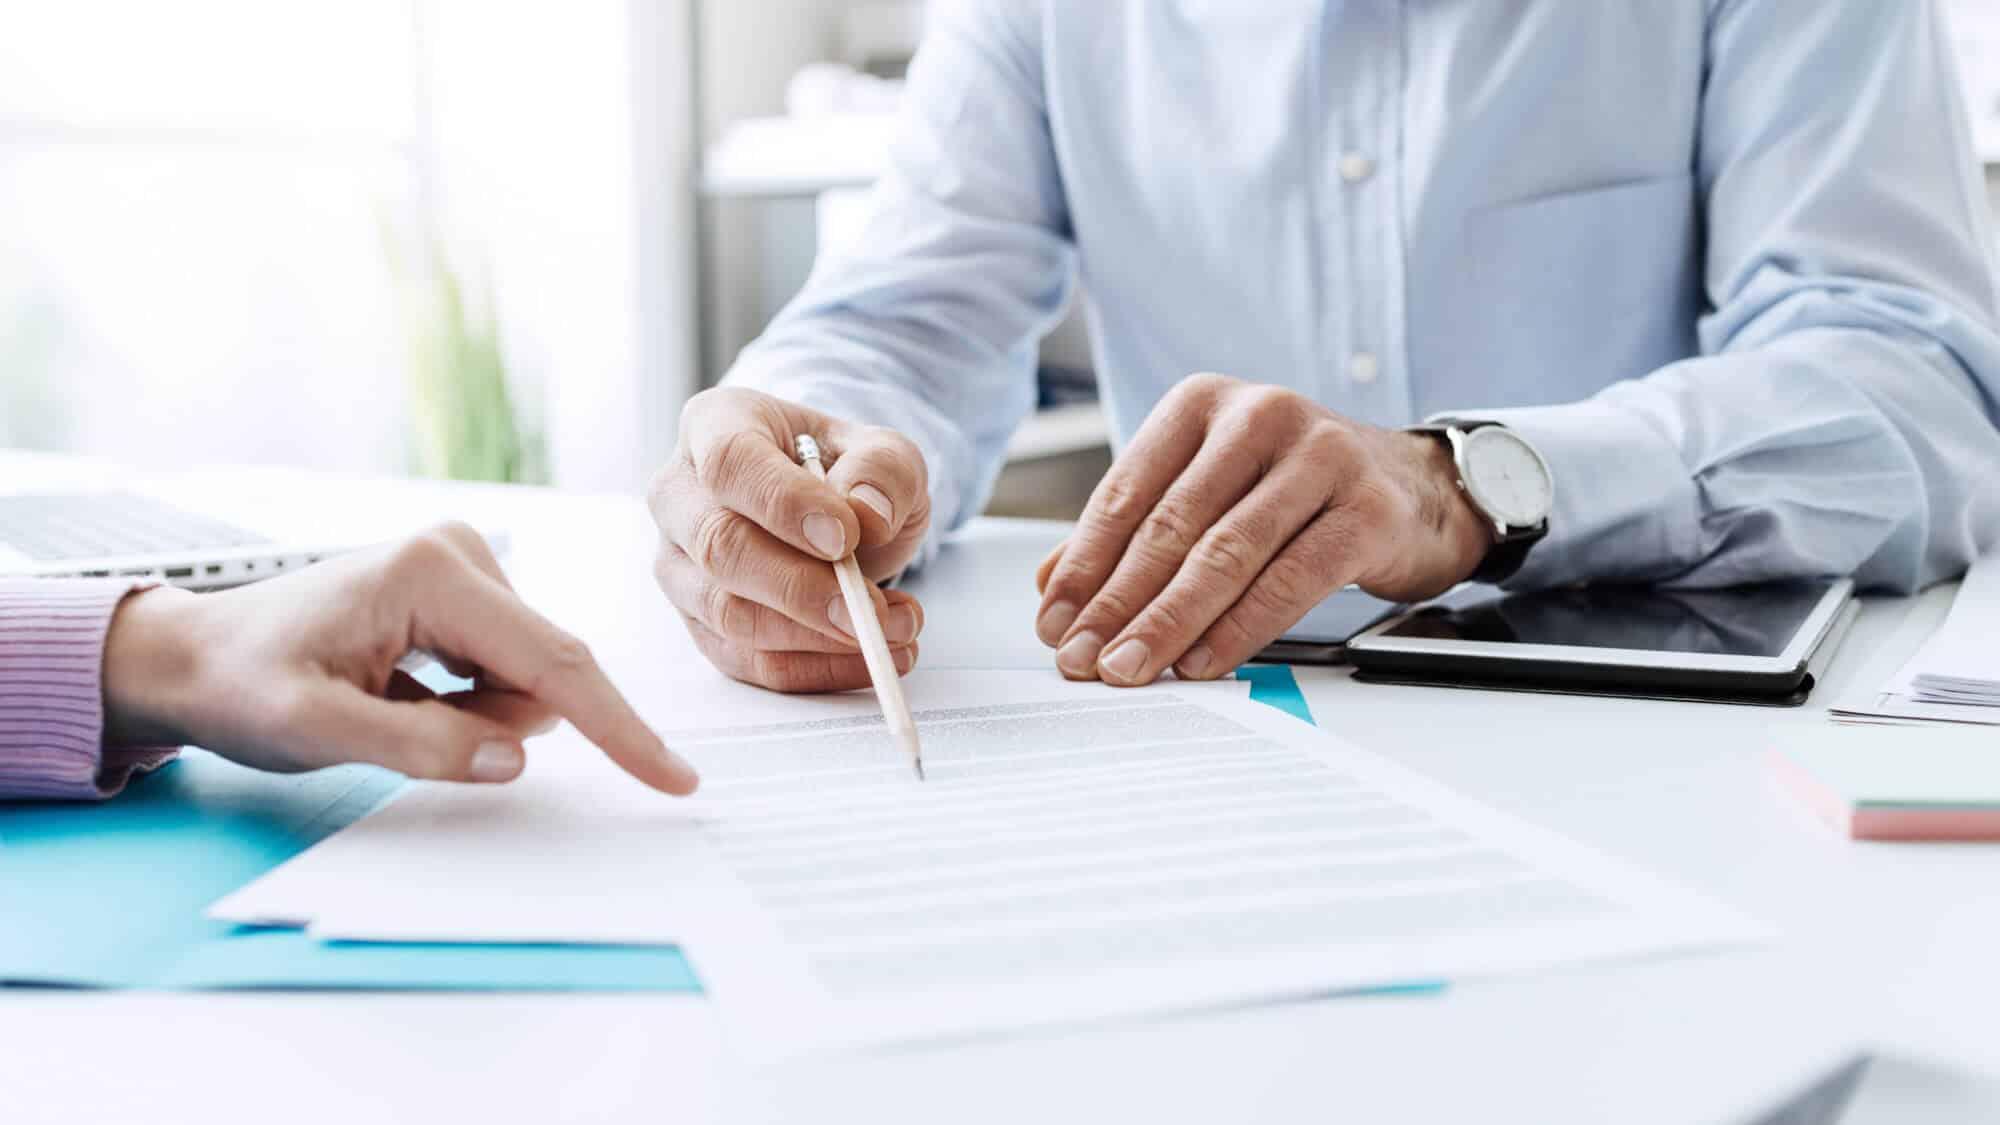 Auftragsverarbeitung nach DSGVO in der Praxis – Teil I: Pflichten von Verantwortlichen und Auftragsverarbeitern